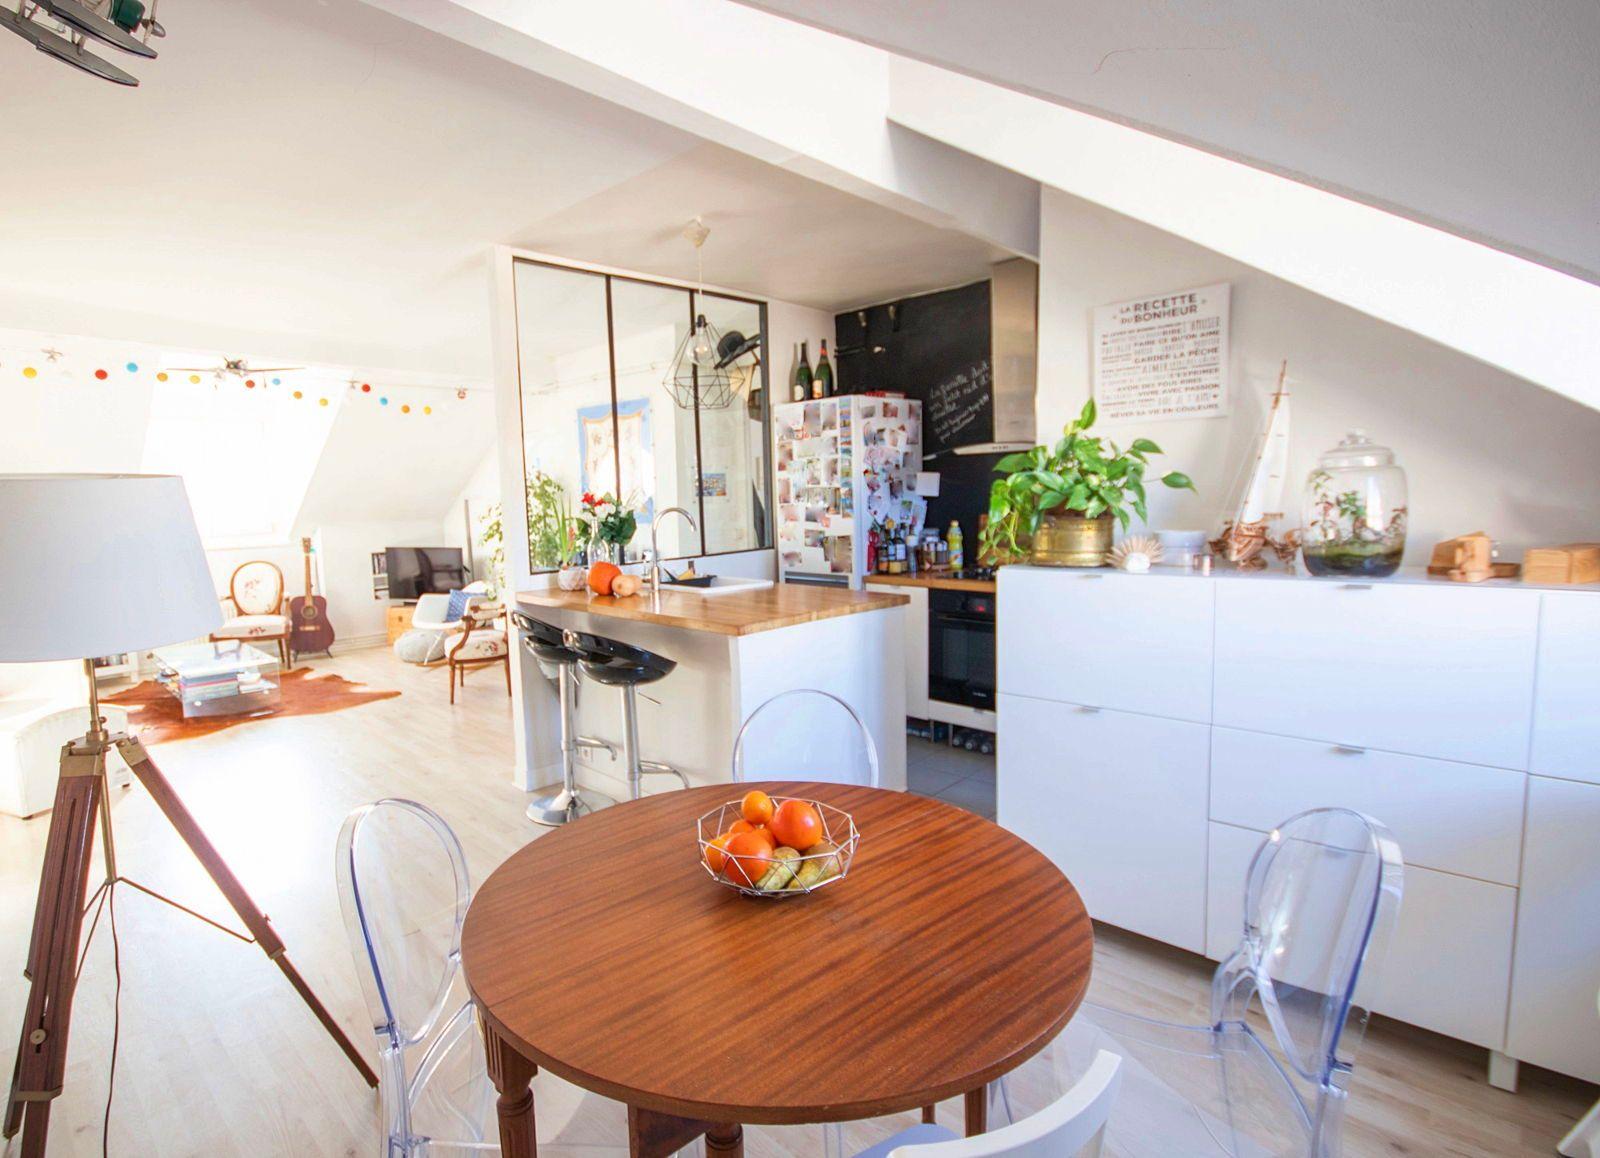 Vends appartement 3pièces, 2chambres - 68m², Asnières-sur-Seine (92)